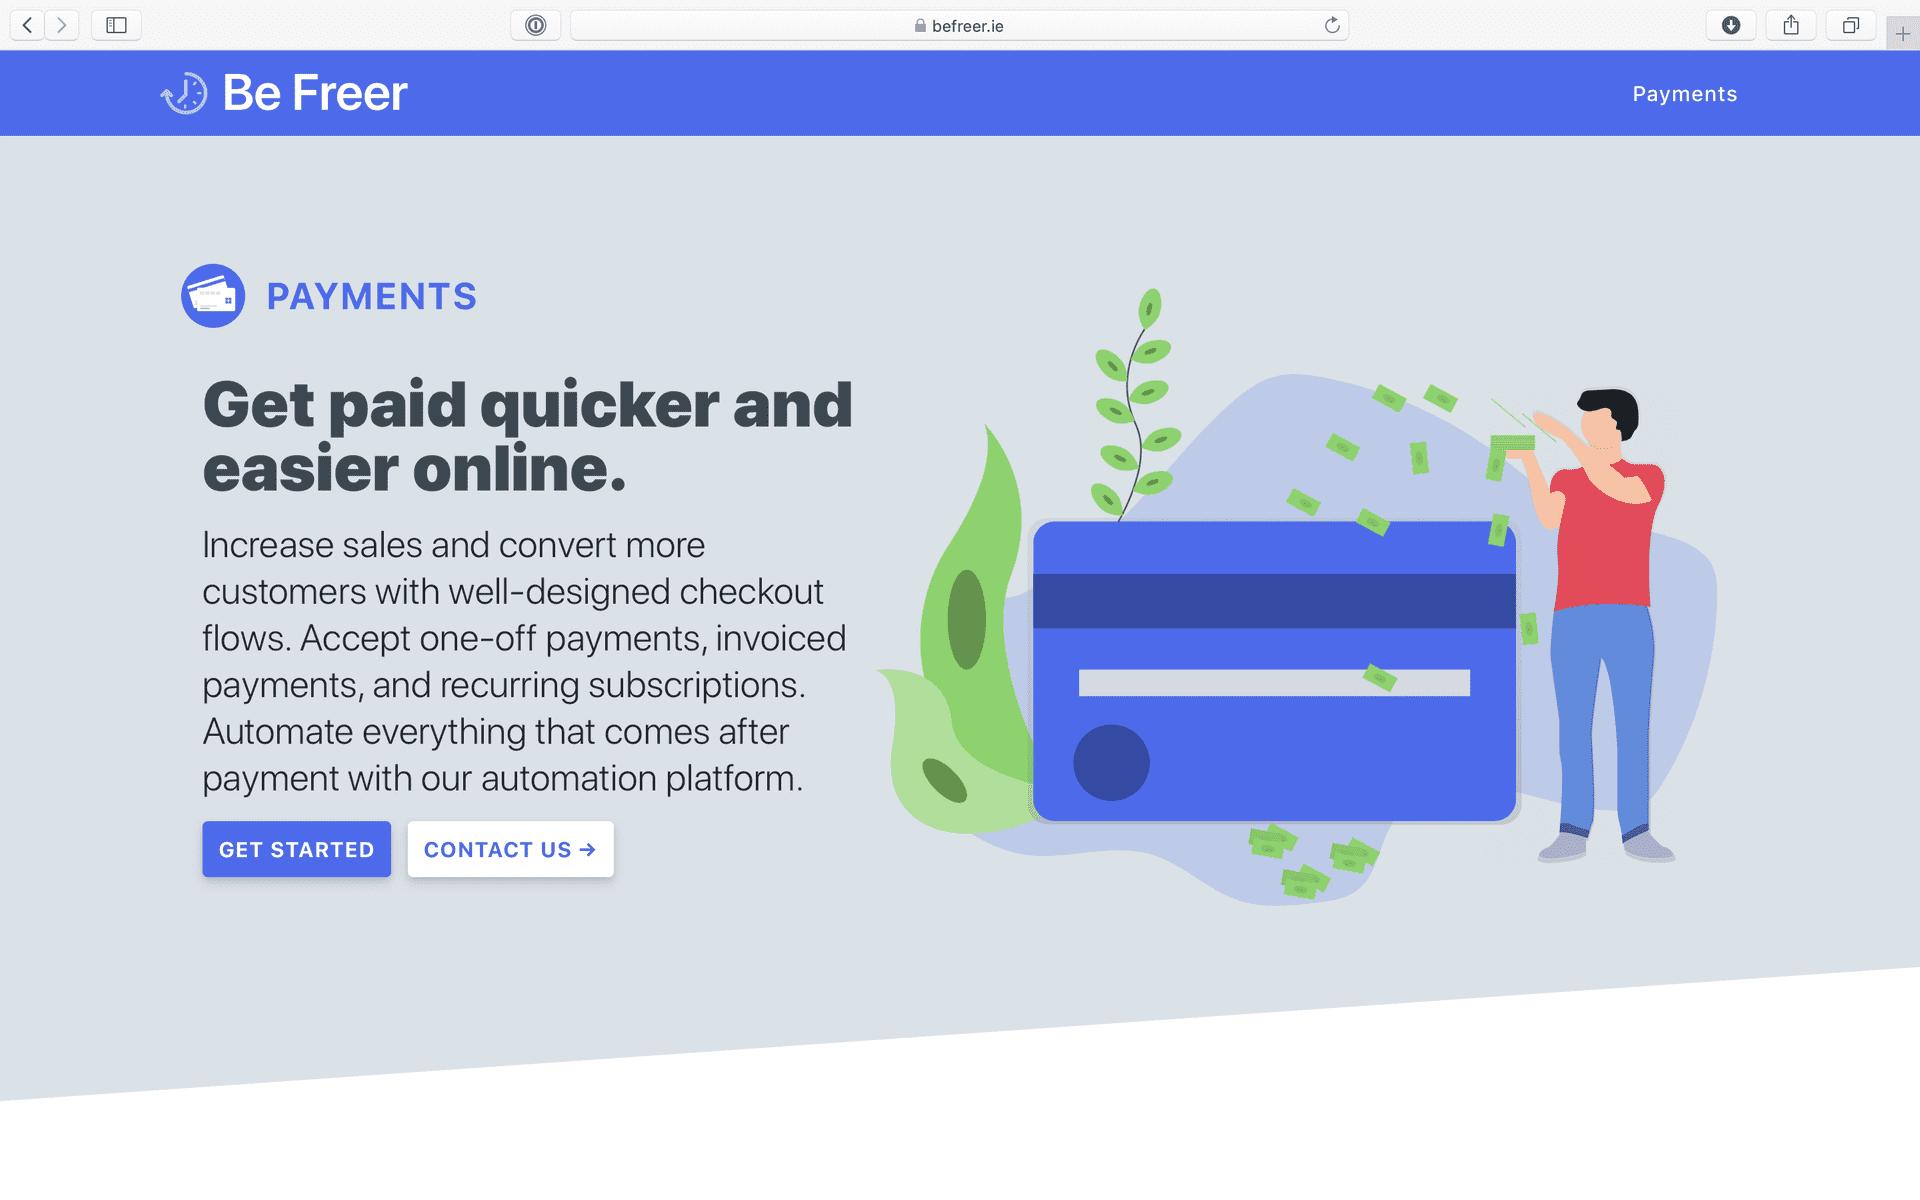 web freer 2019